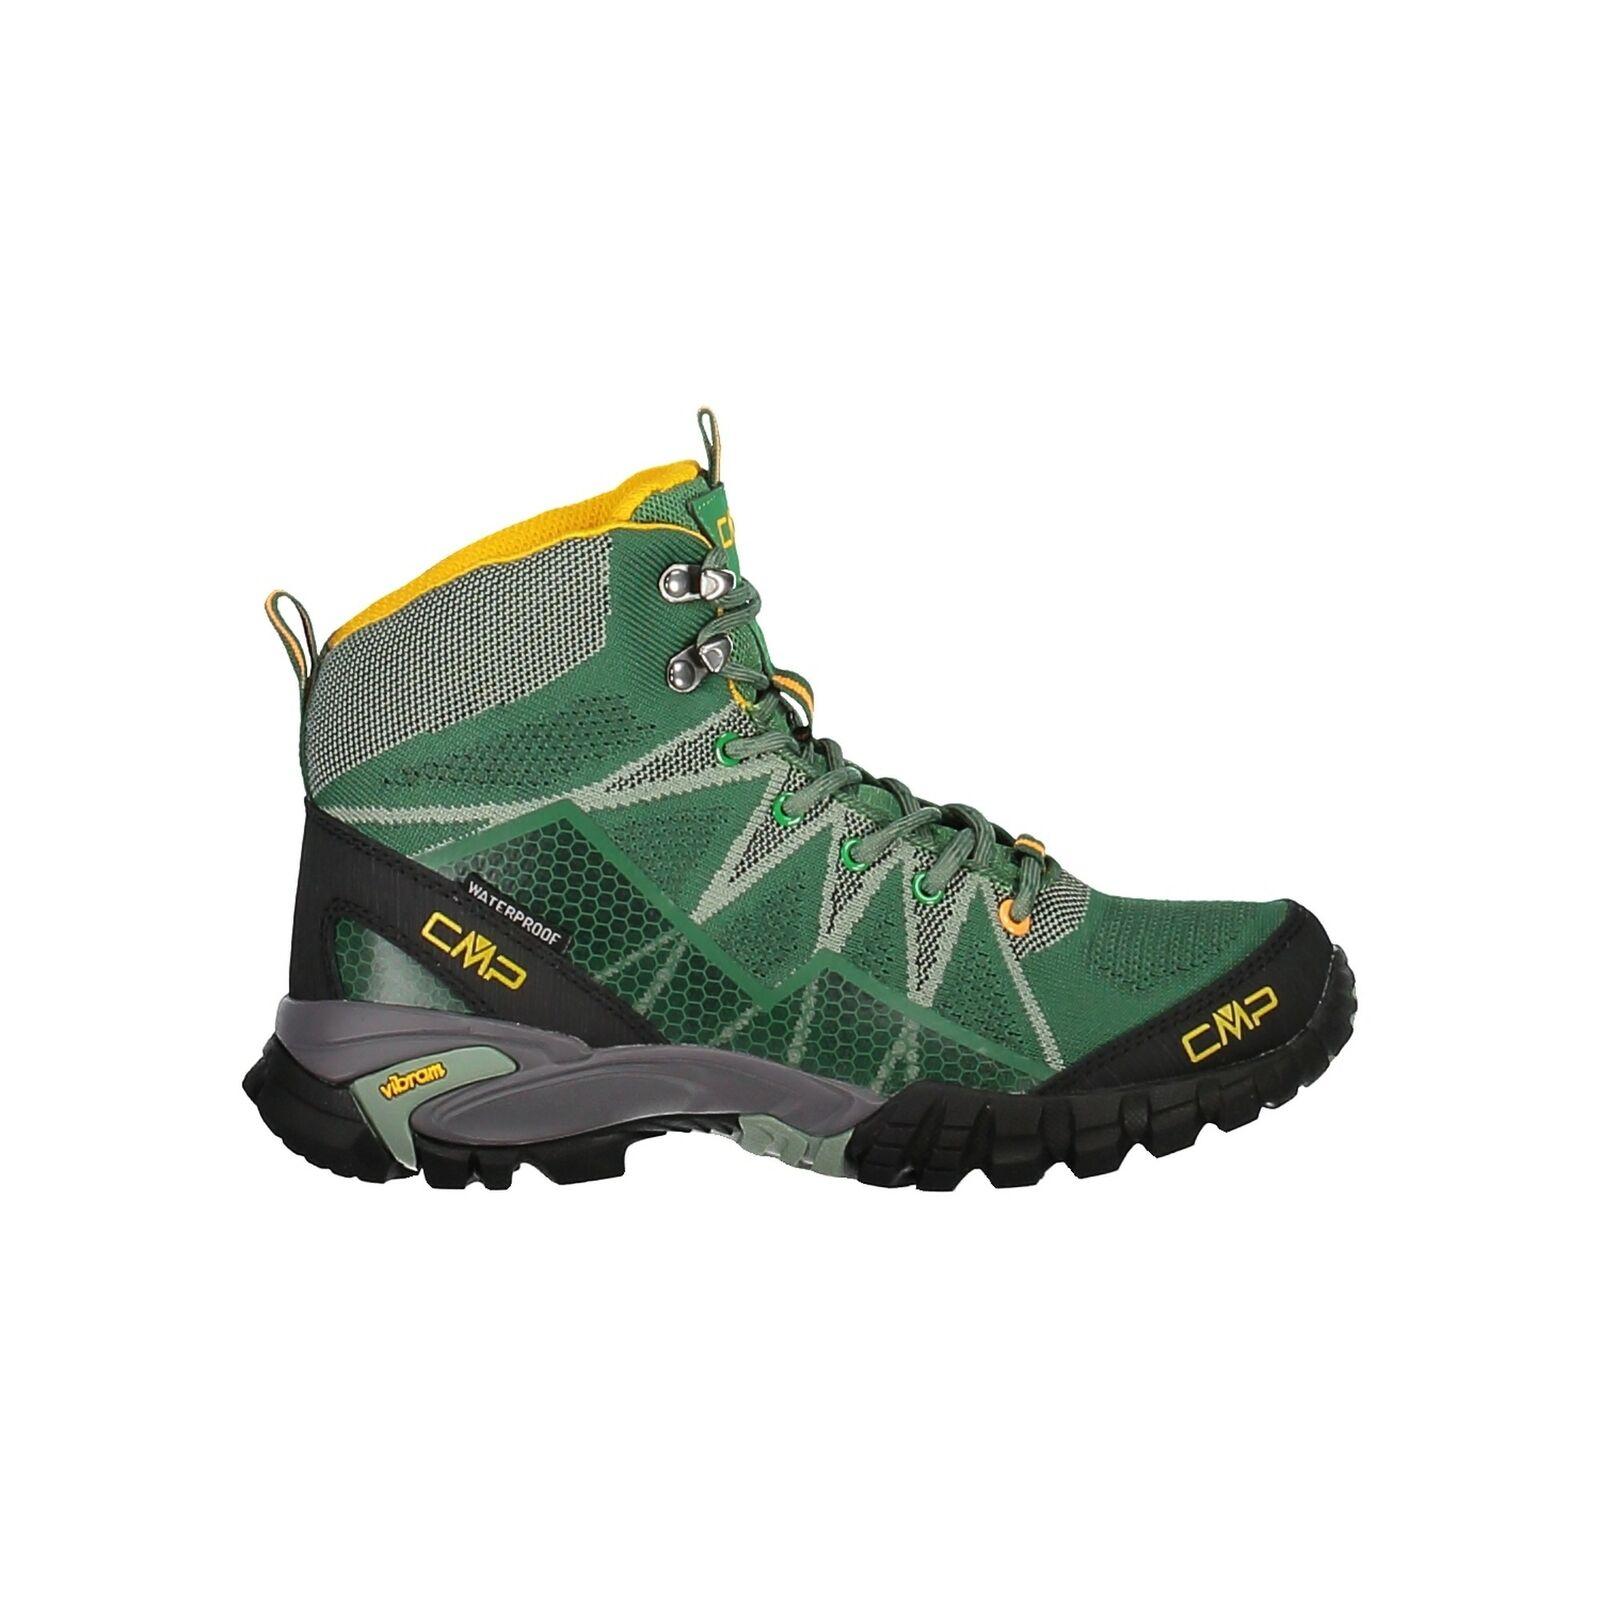 CMP Trekkingschuhe Outdoorschuh Tauri Mid Wmn Trekking shoes Wp grün wasserdicht